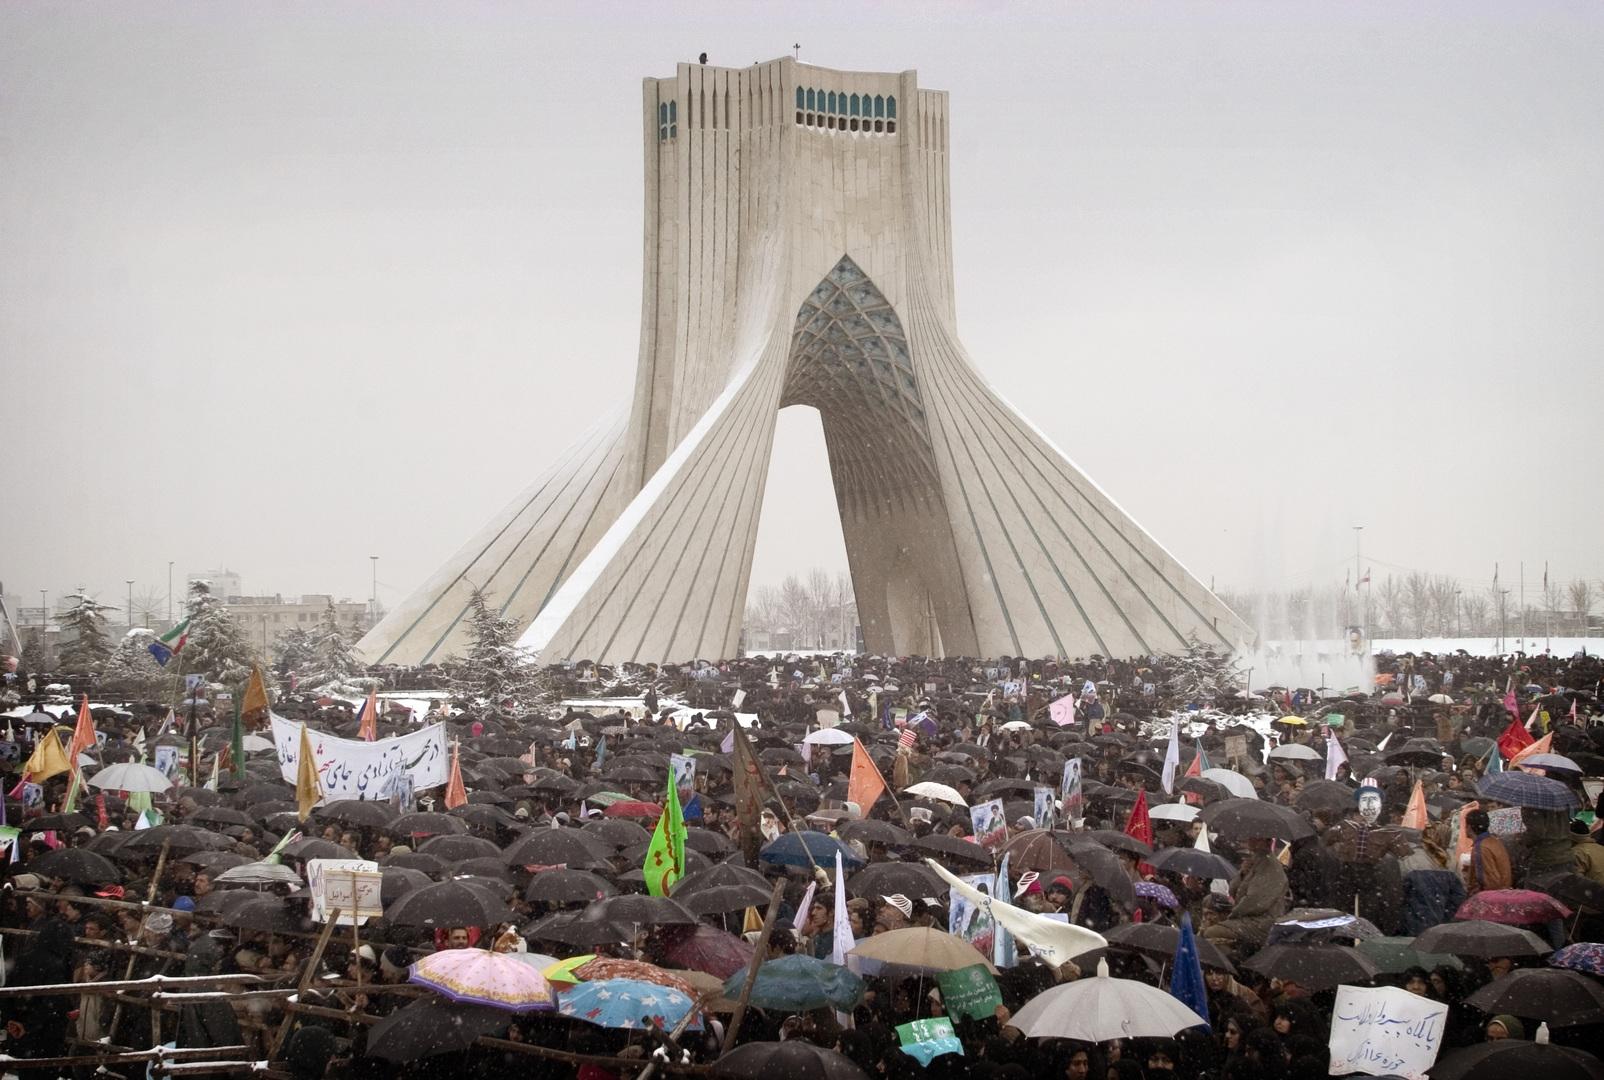 إصابة عالم إيراني بجلطة بعد أن أطلقت الولايات المتحدة سراحه